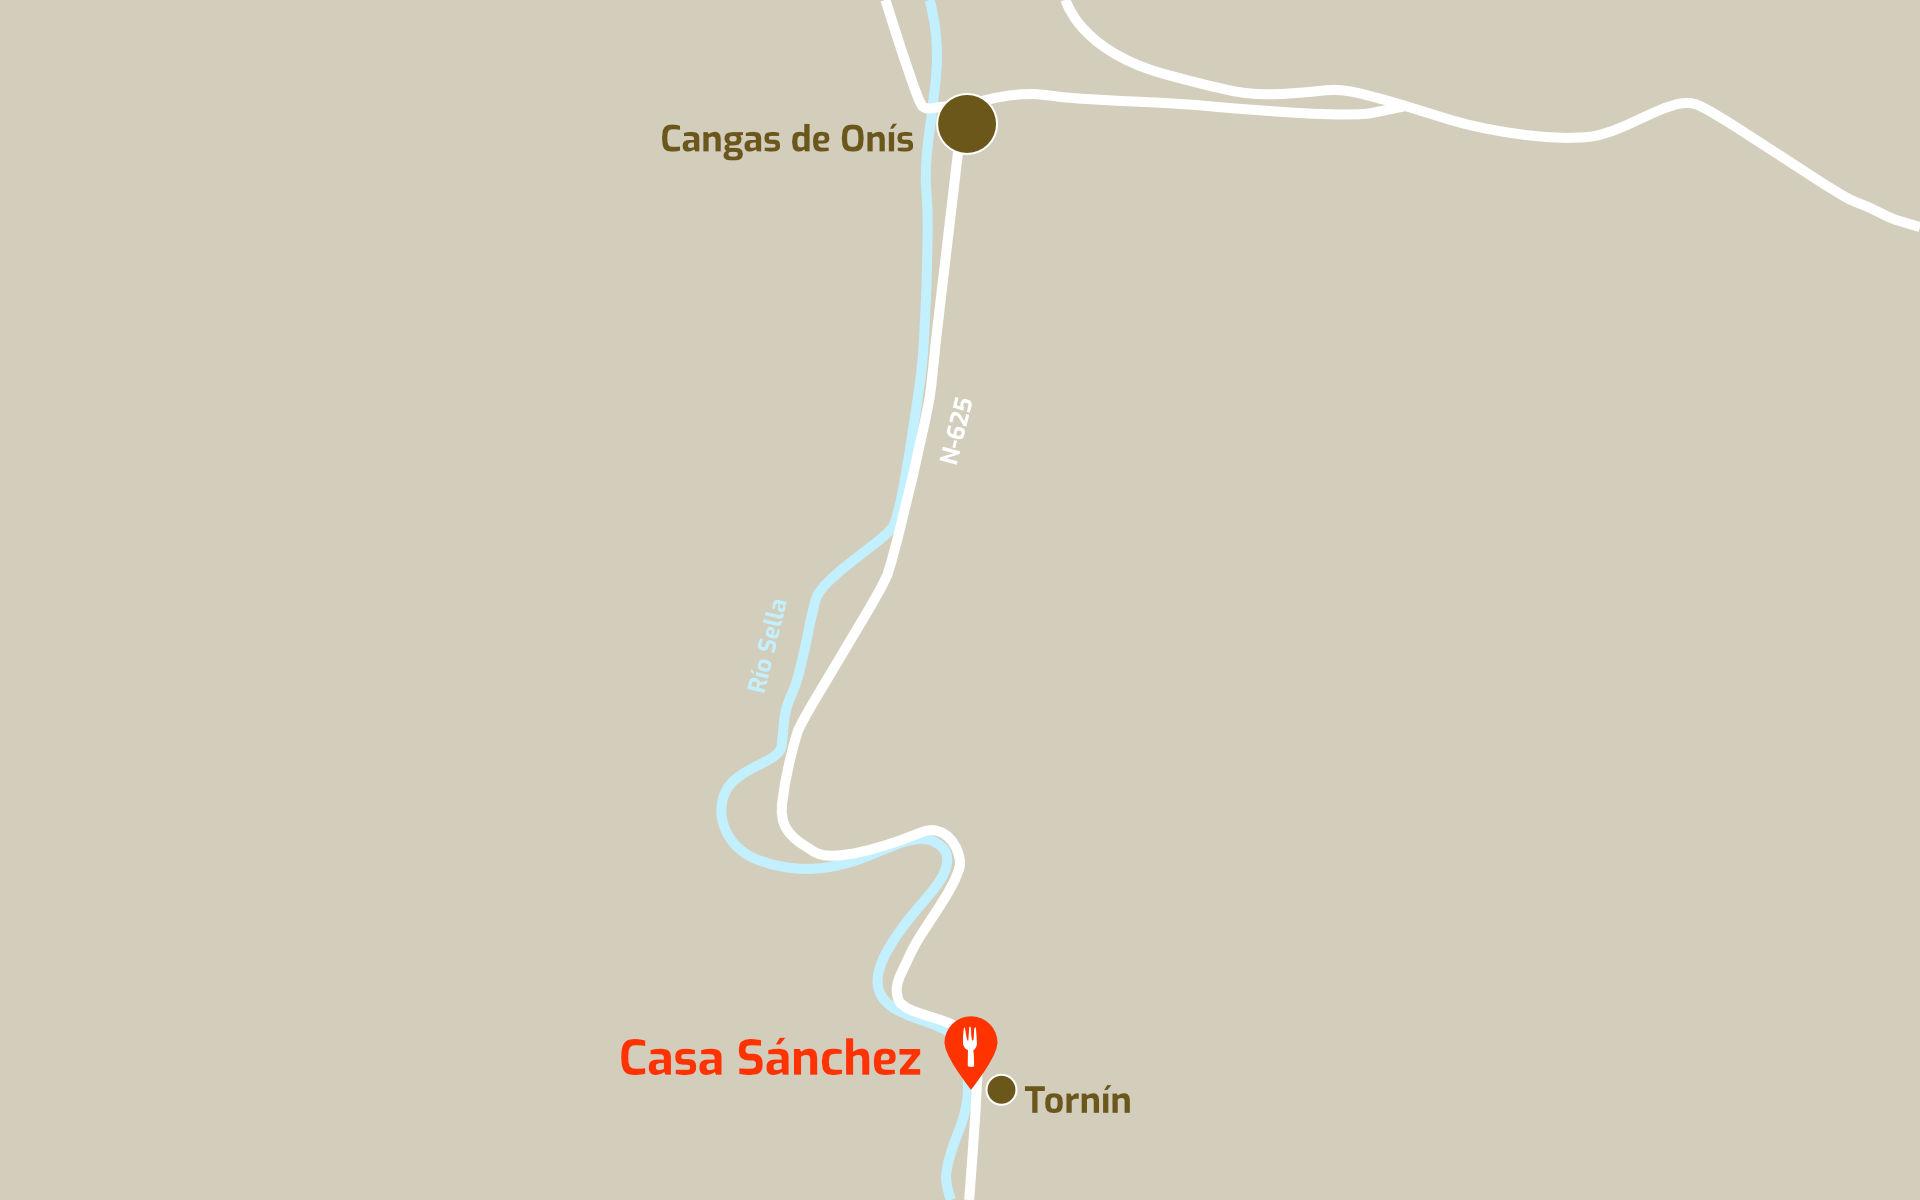 Mapa de cómo llegar al restaurante Casa Sánchez en Tornín, Cangas de Onís, Asturias